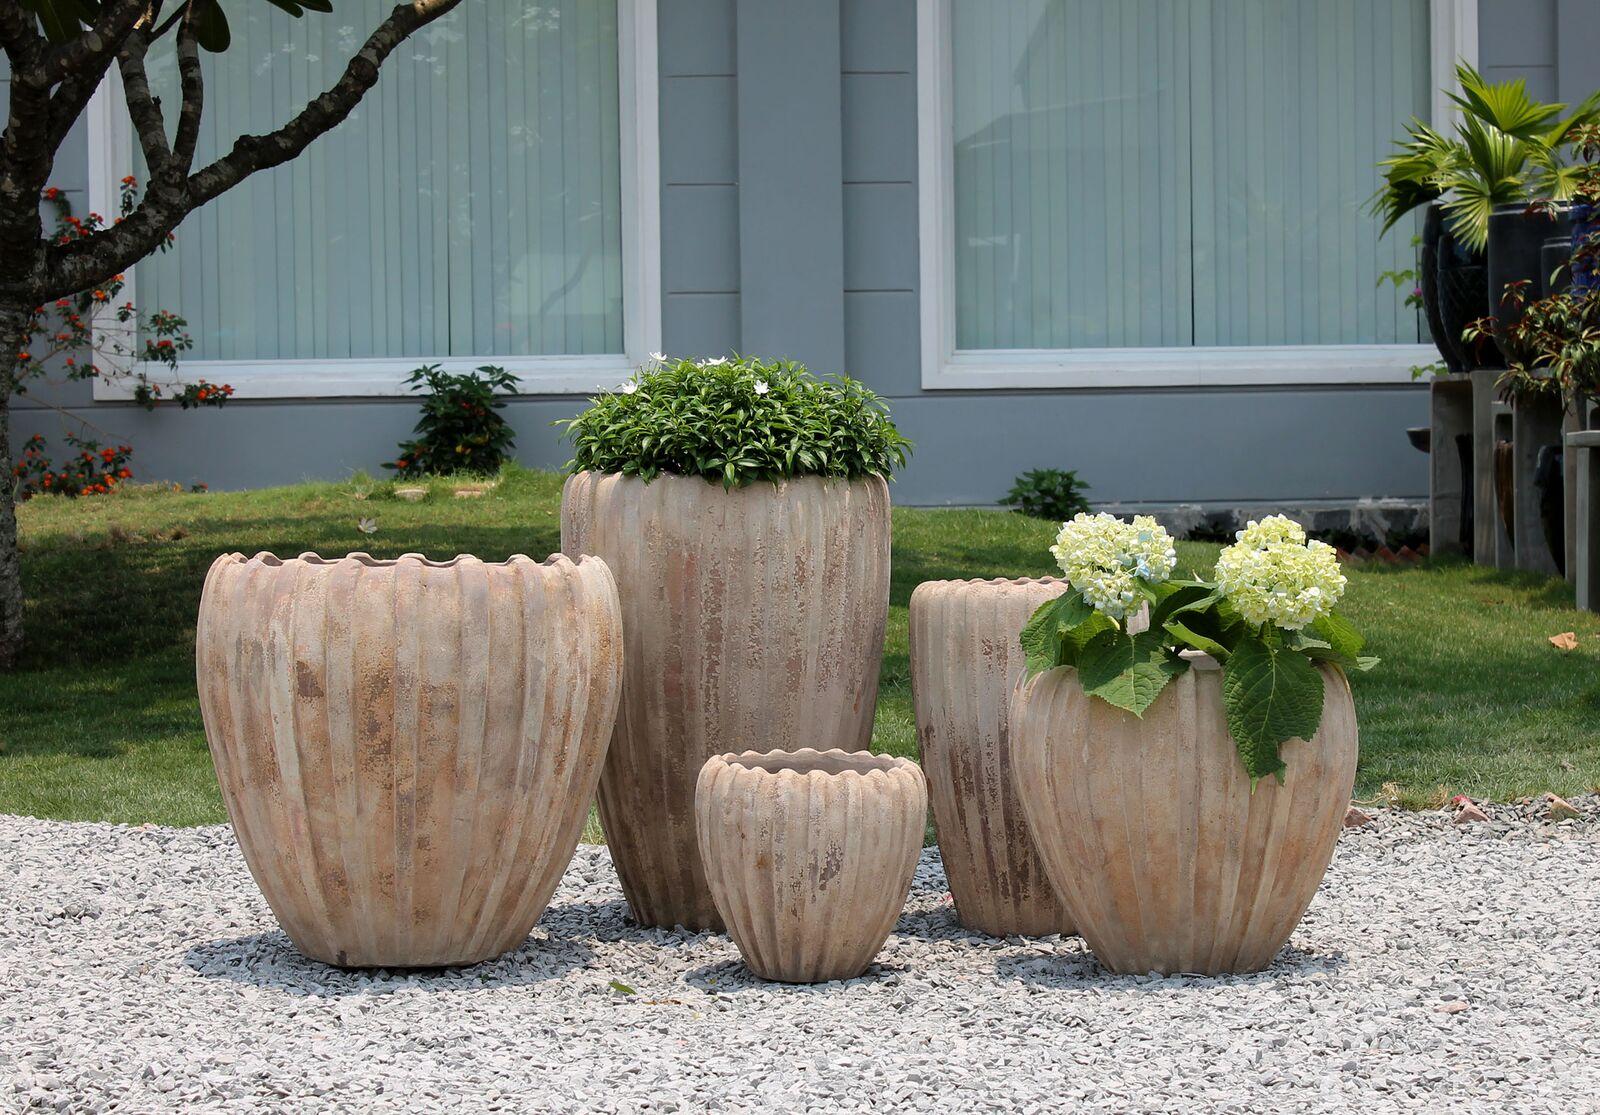 Krukker, havekrukker, keramikdyr, zinkkrukker, krukker til haven.